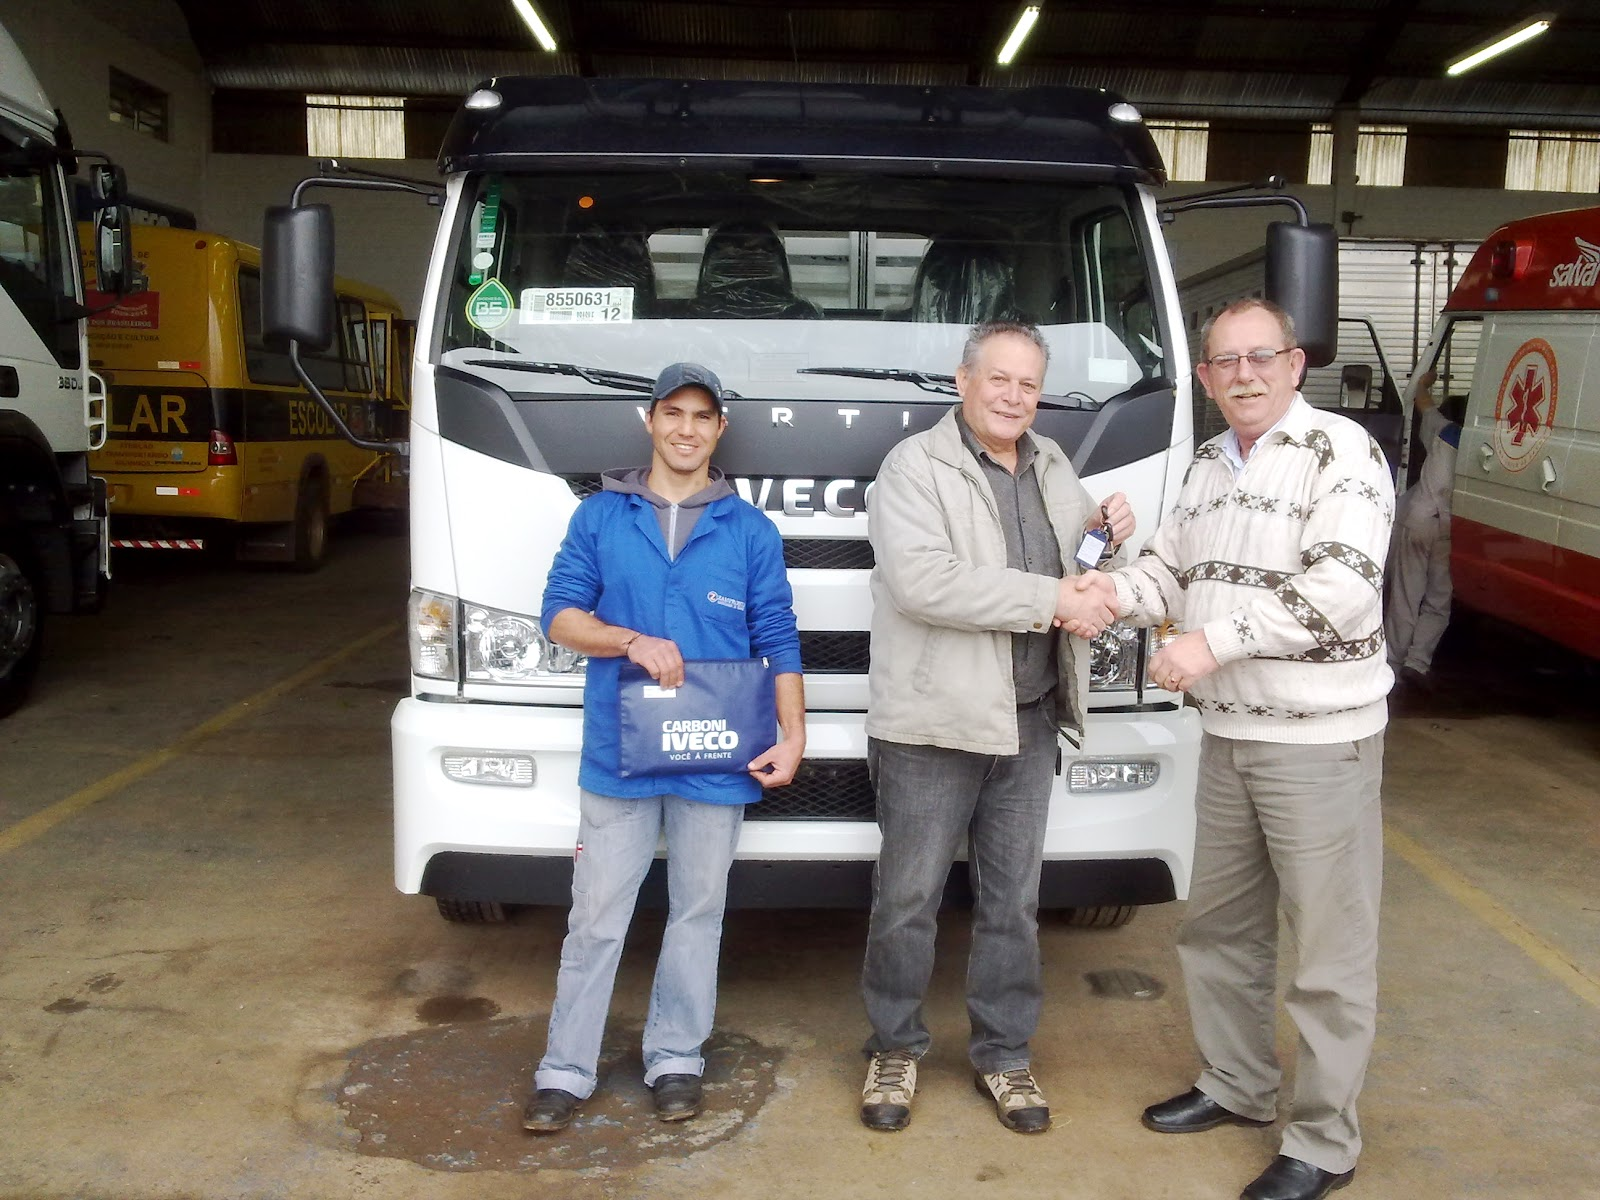 Carboni Iveco de Passo Fundo entrega unidades 0km na região zampronio